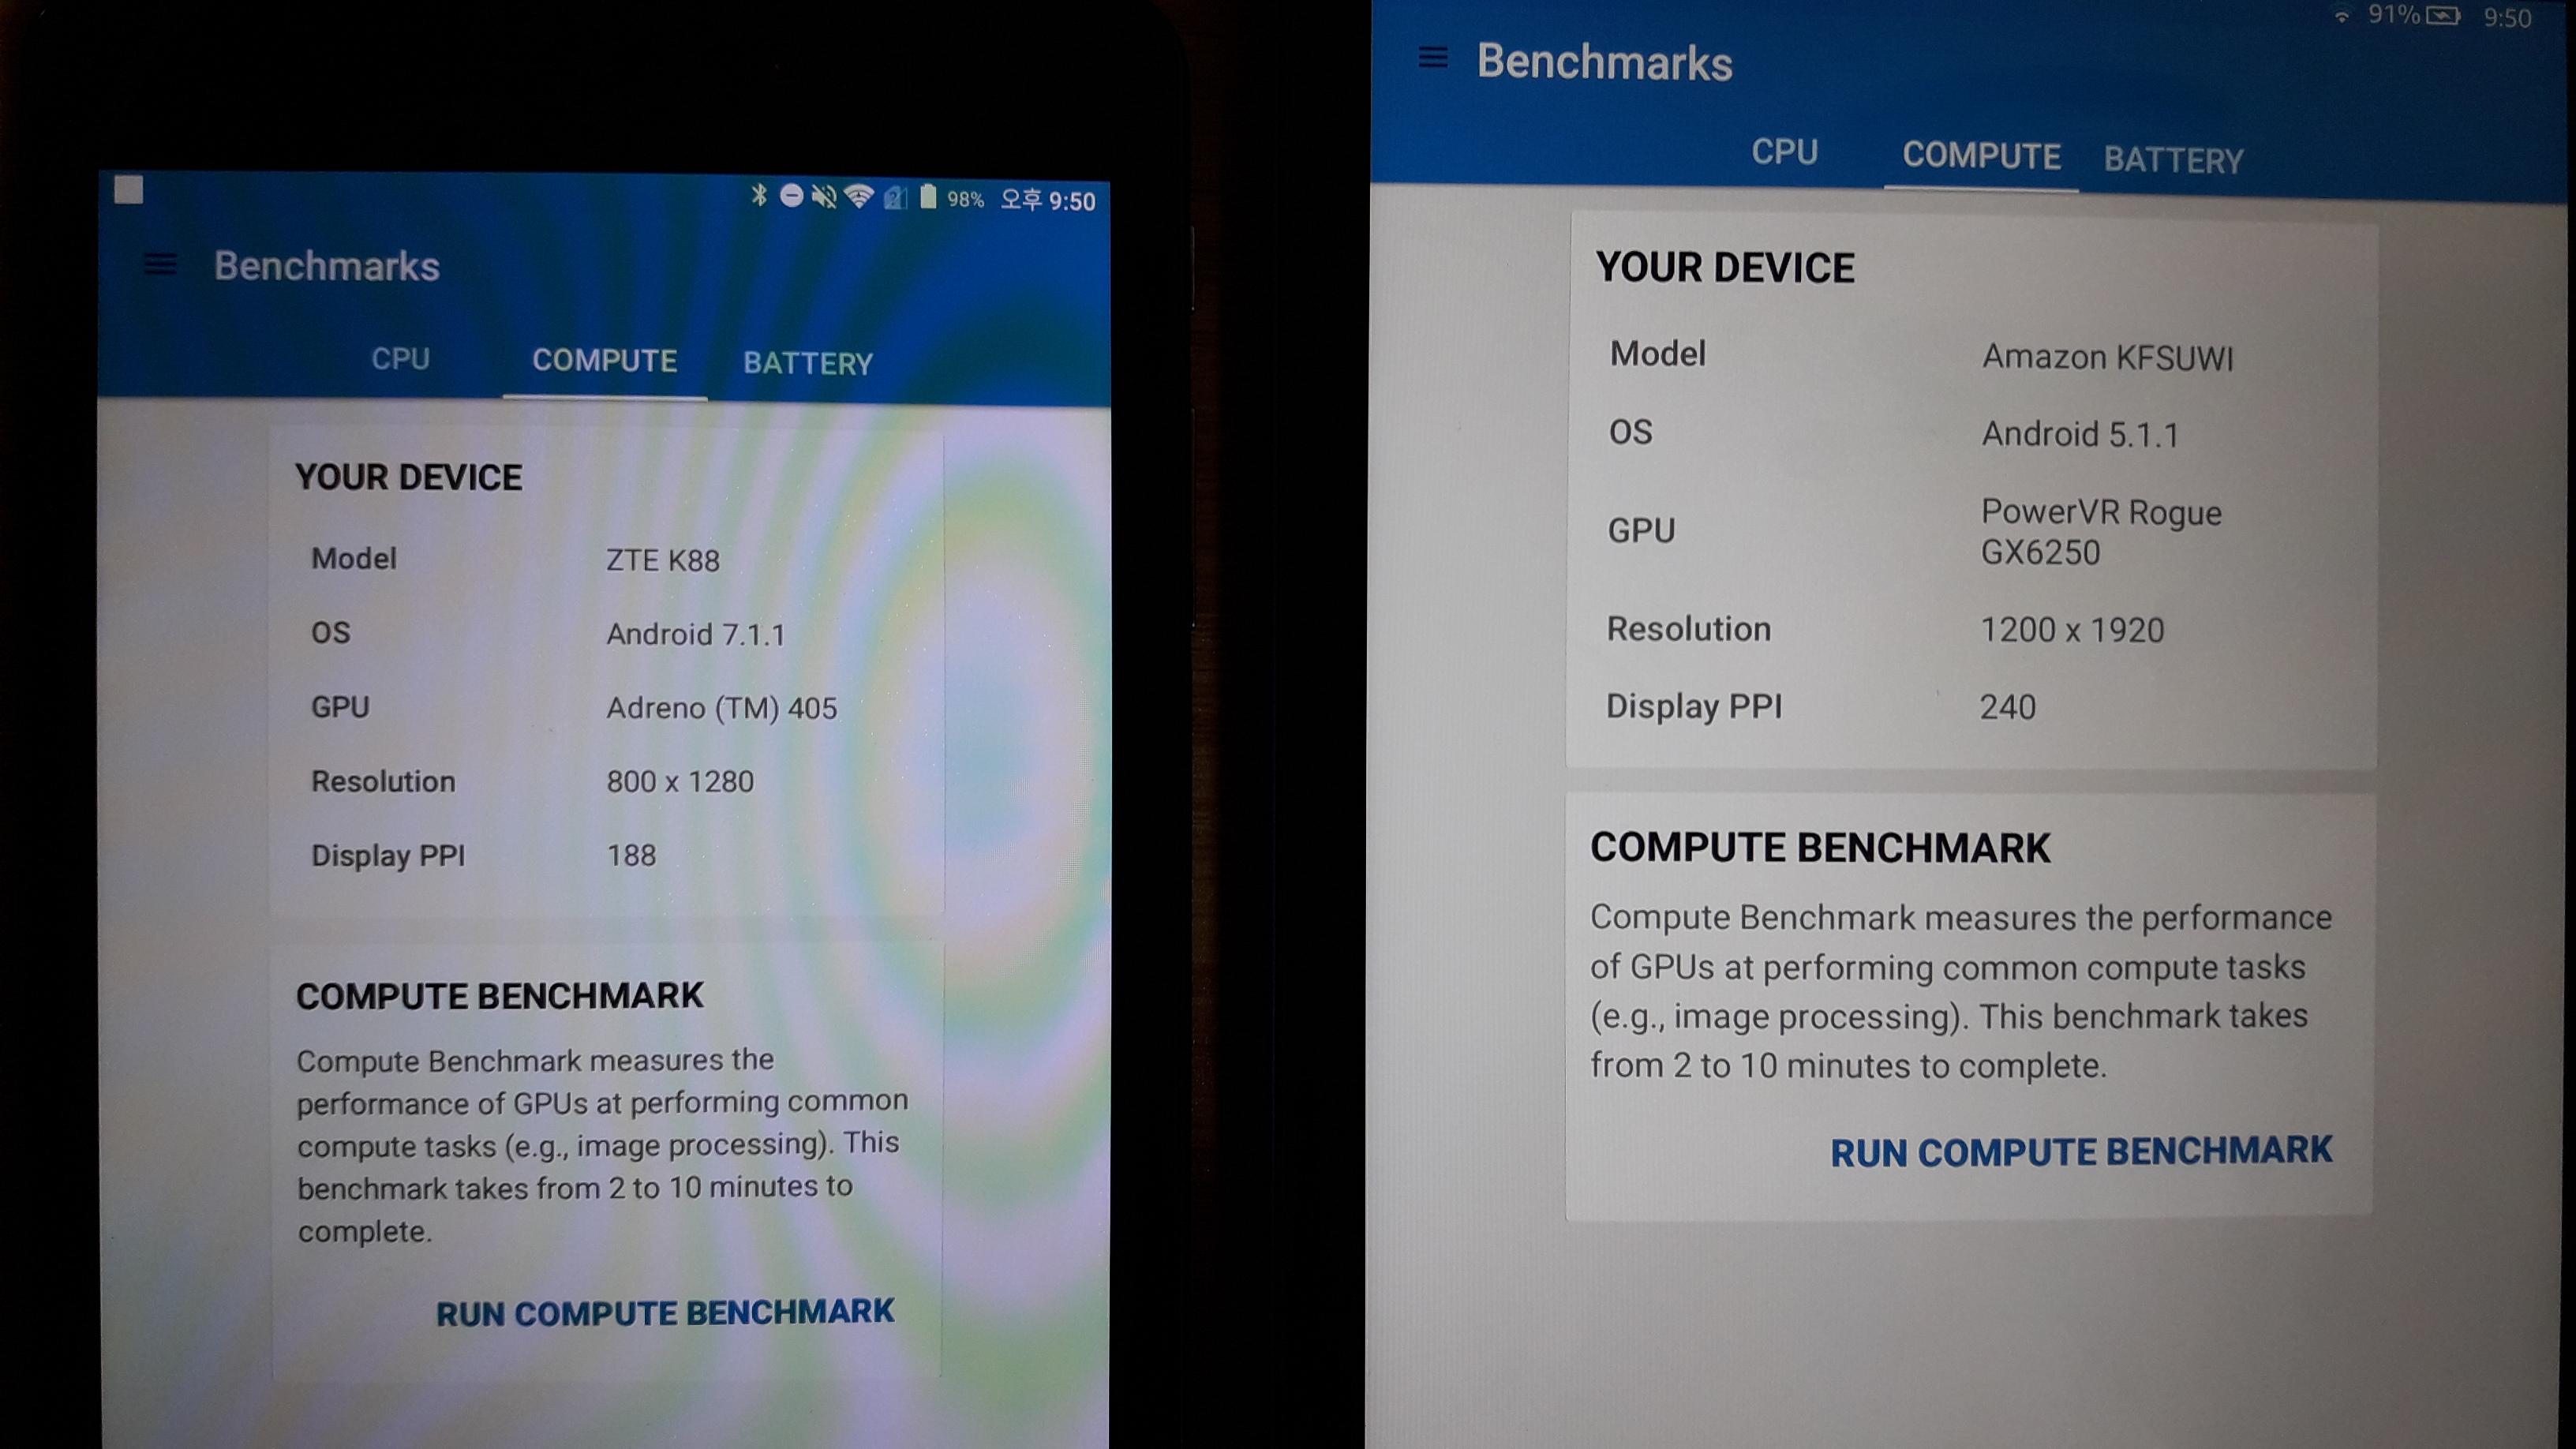 요즘? 가성비 태블릿, ZTE trek2 vs Amazon fire hd 10 - 사용기